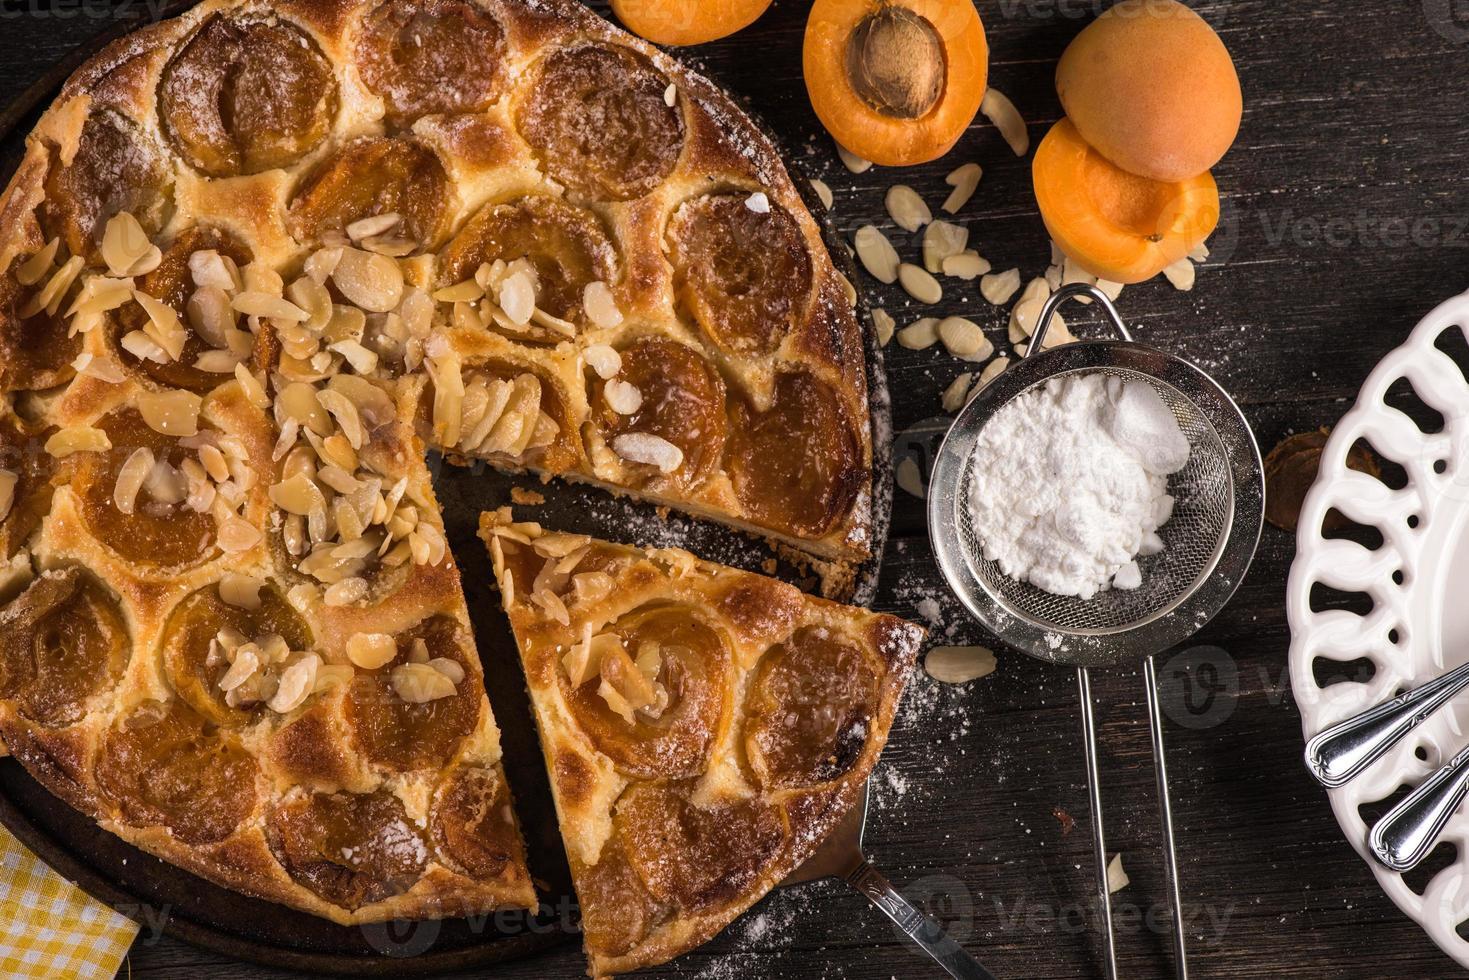 zelfgemaakte abrikozentaart met amandelen en vers fruit foto